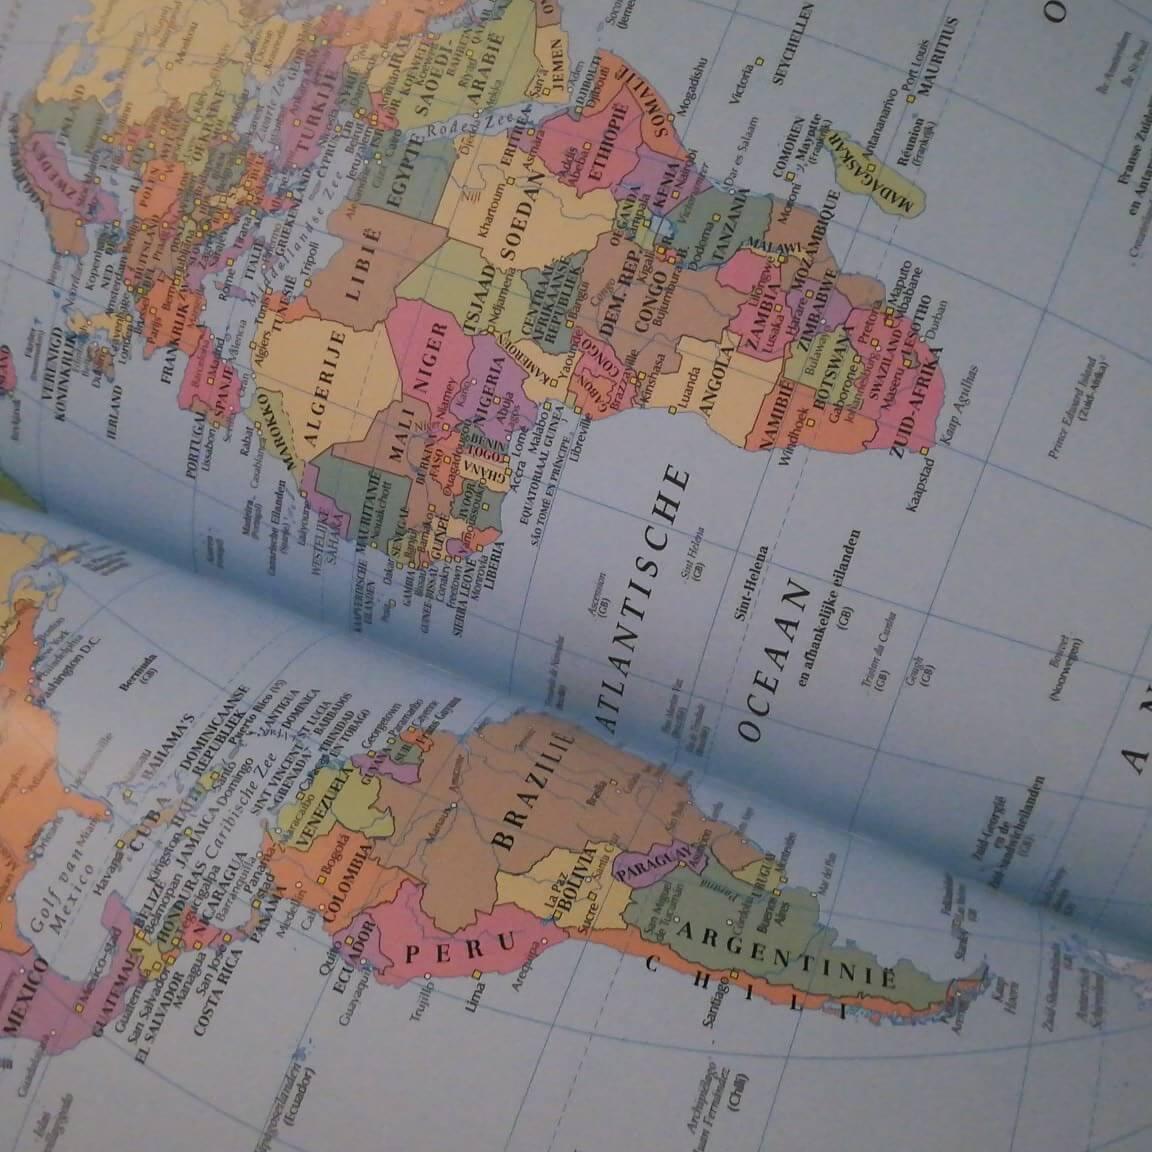 Landen die ik wil bezoeken - atlas